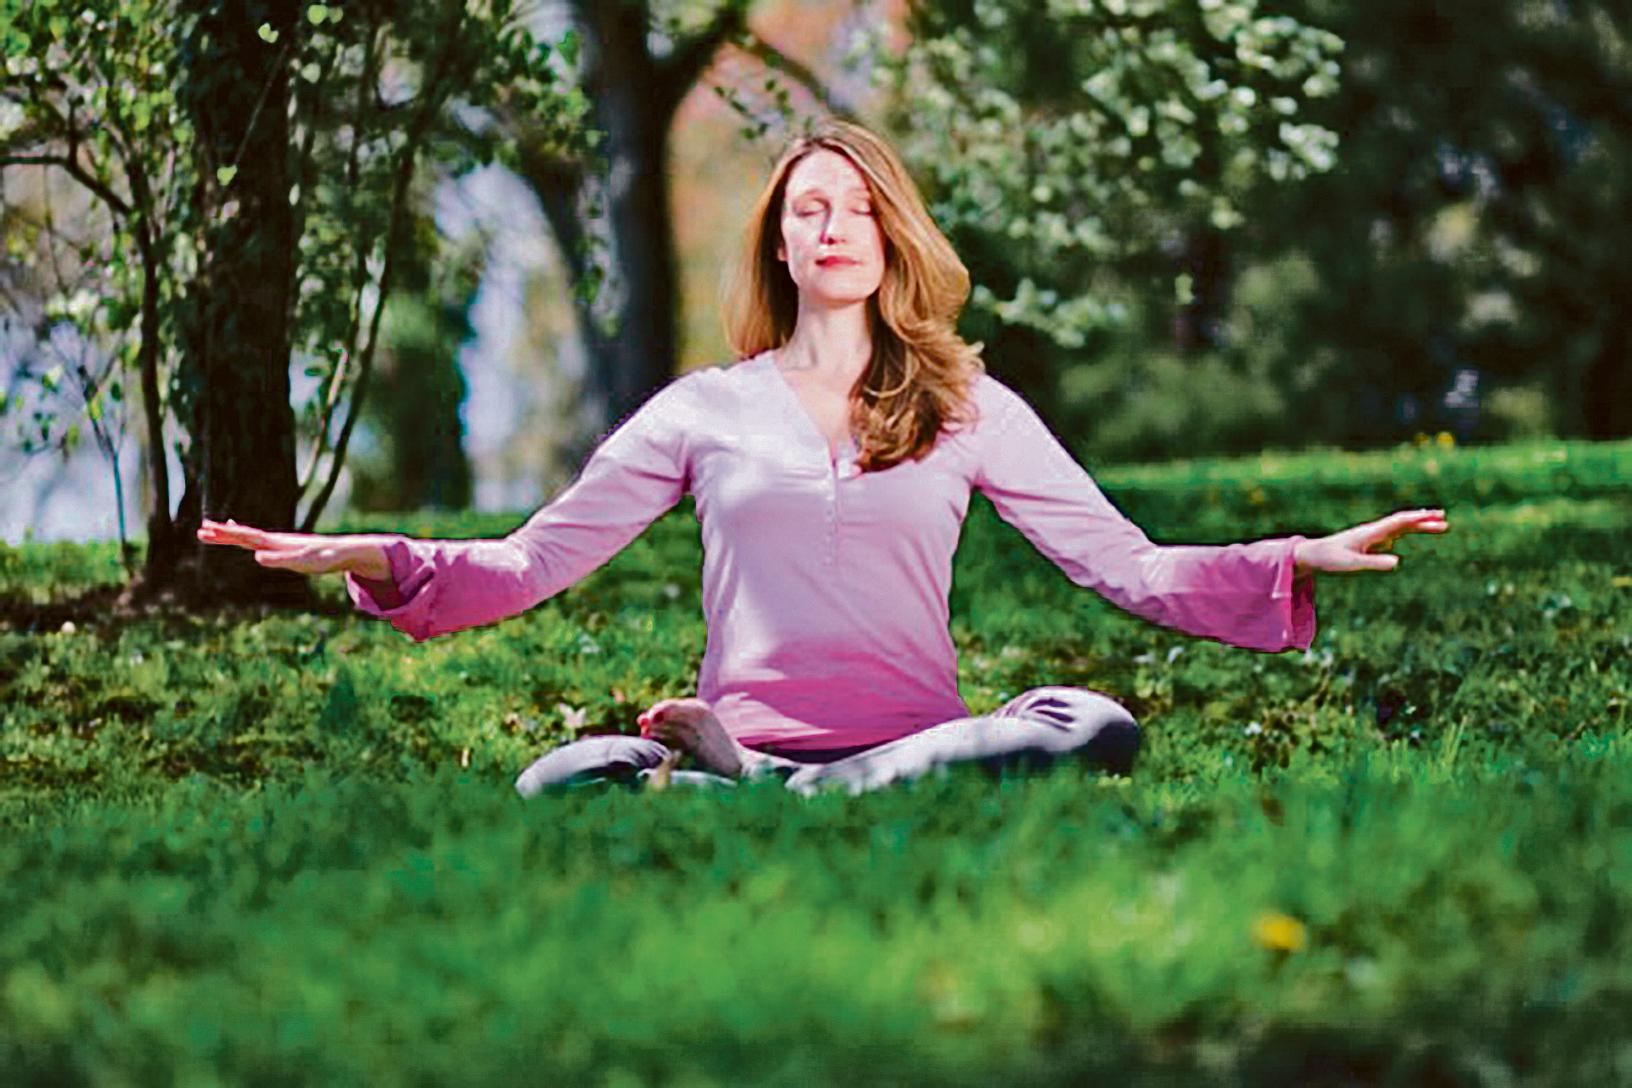 練習打坐冥想可以顯著減少皮質醇的分泌。(Jeff Nenarella/Epoch Times)